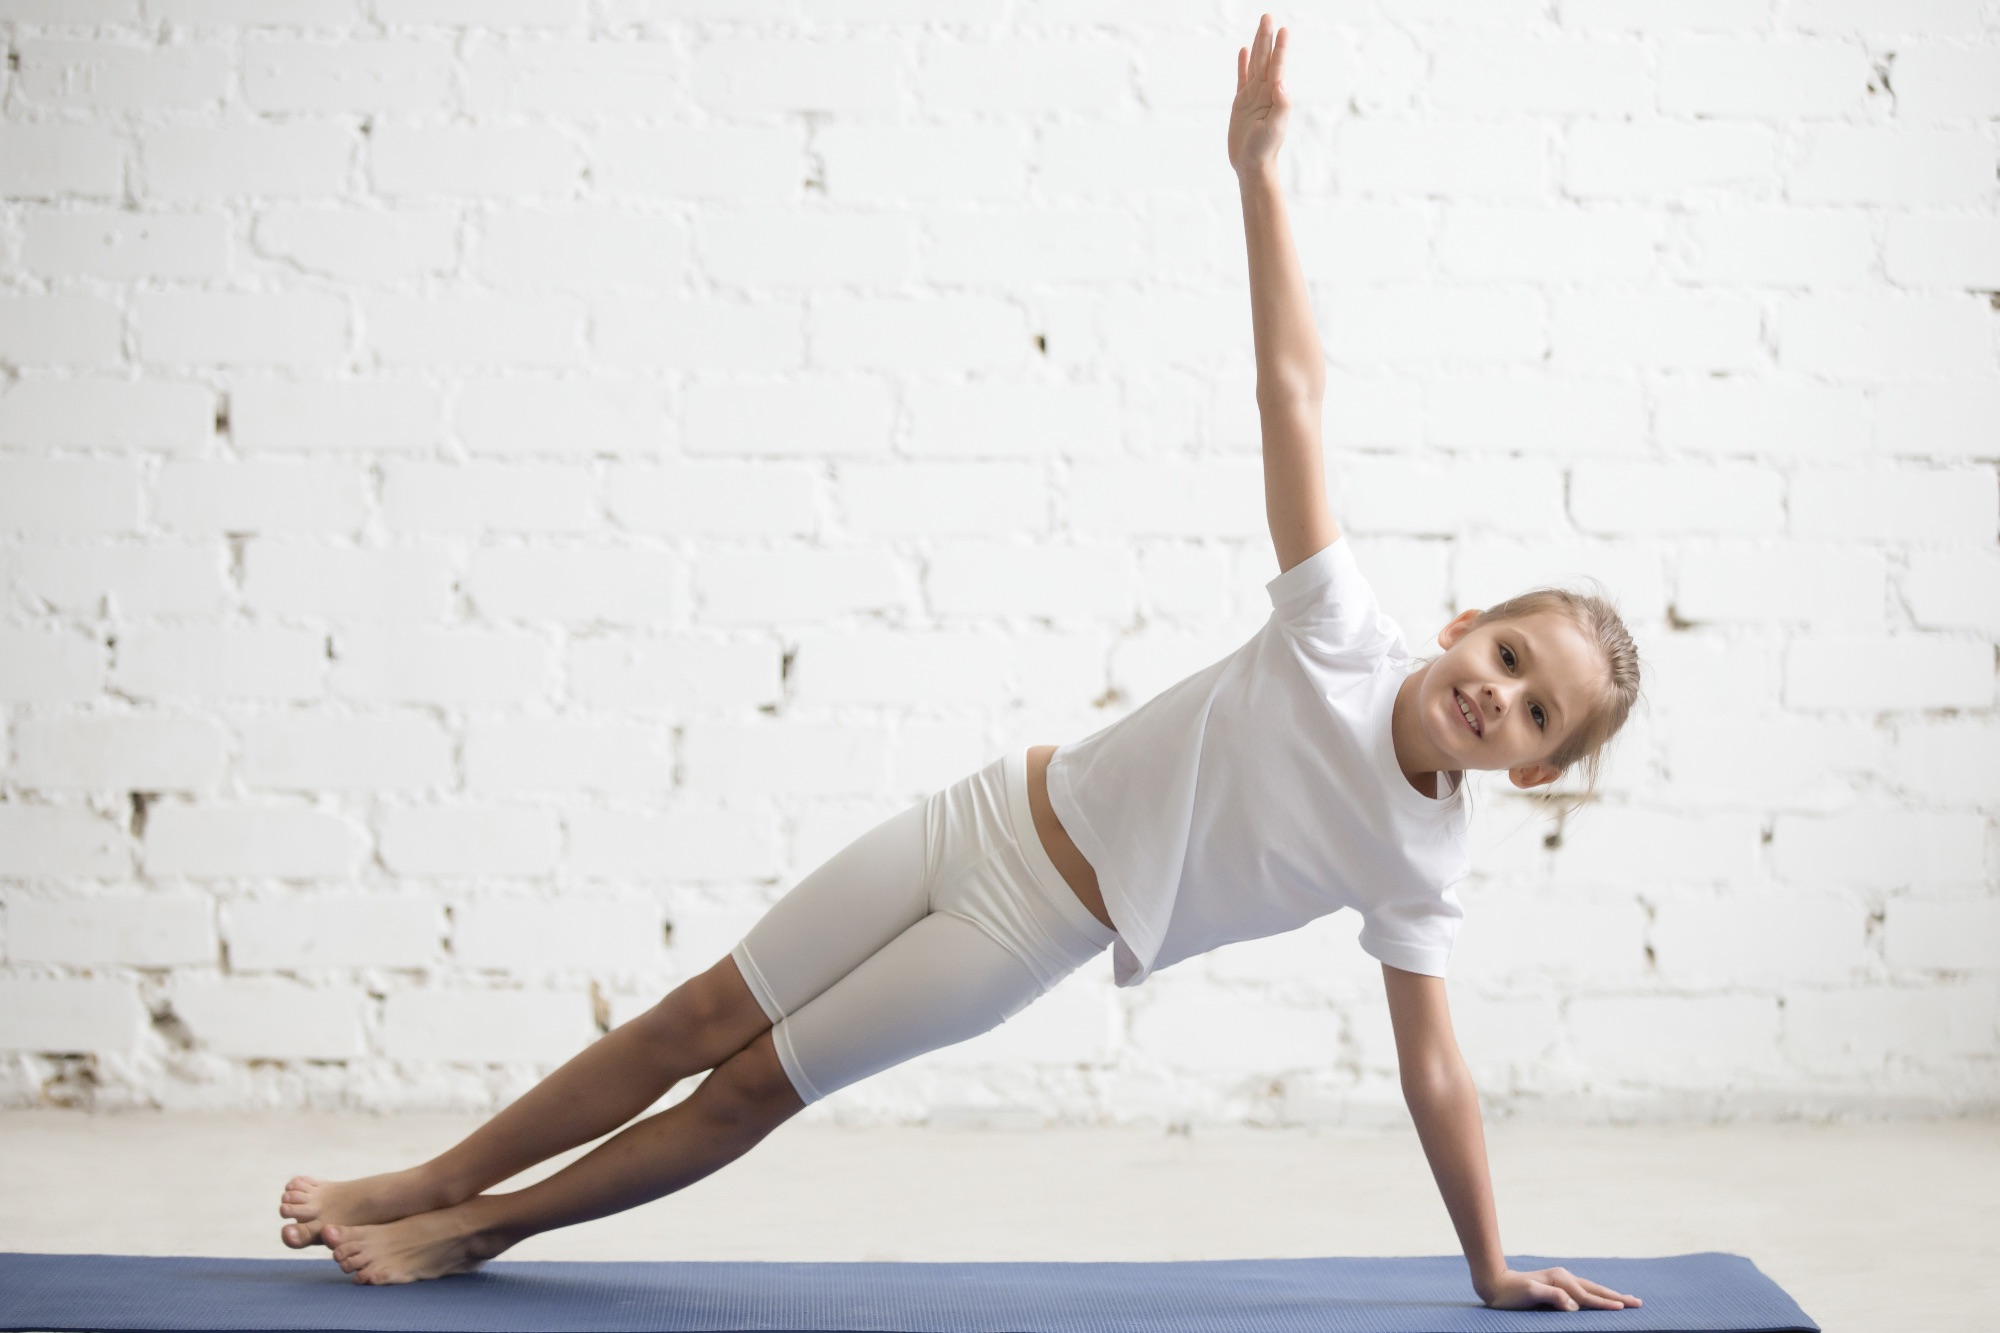 childrens yoga classes Lytham